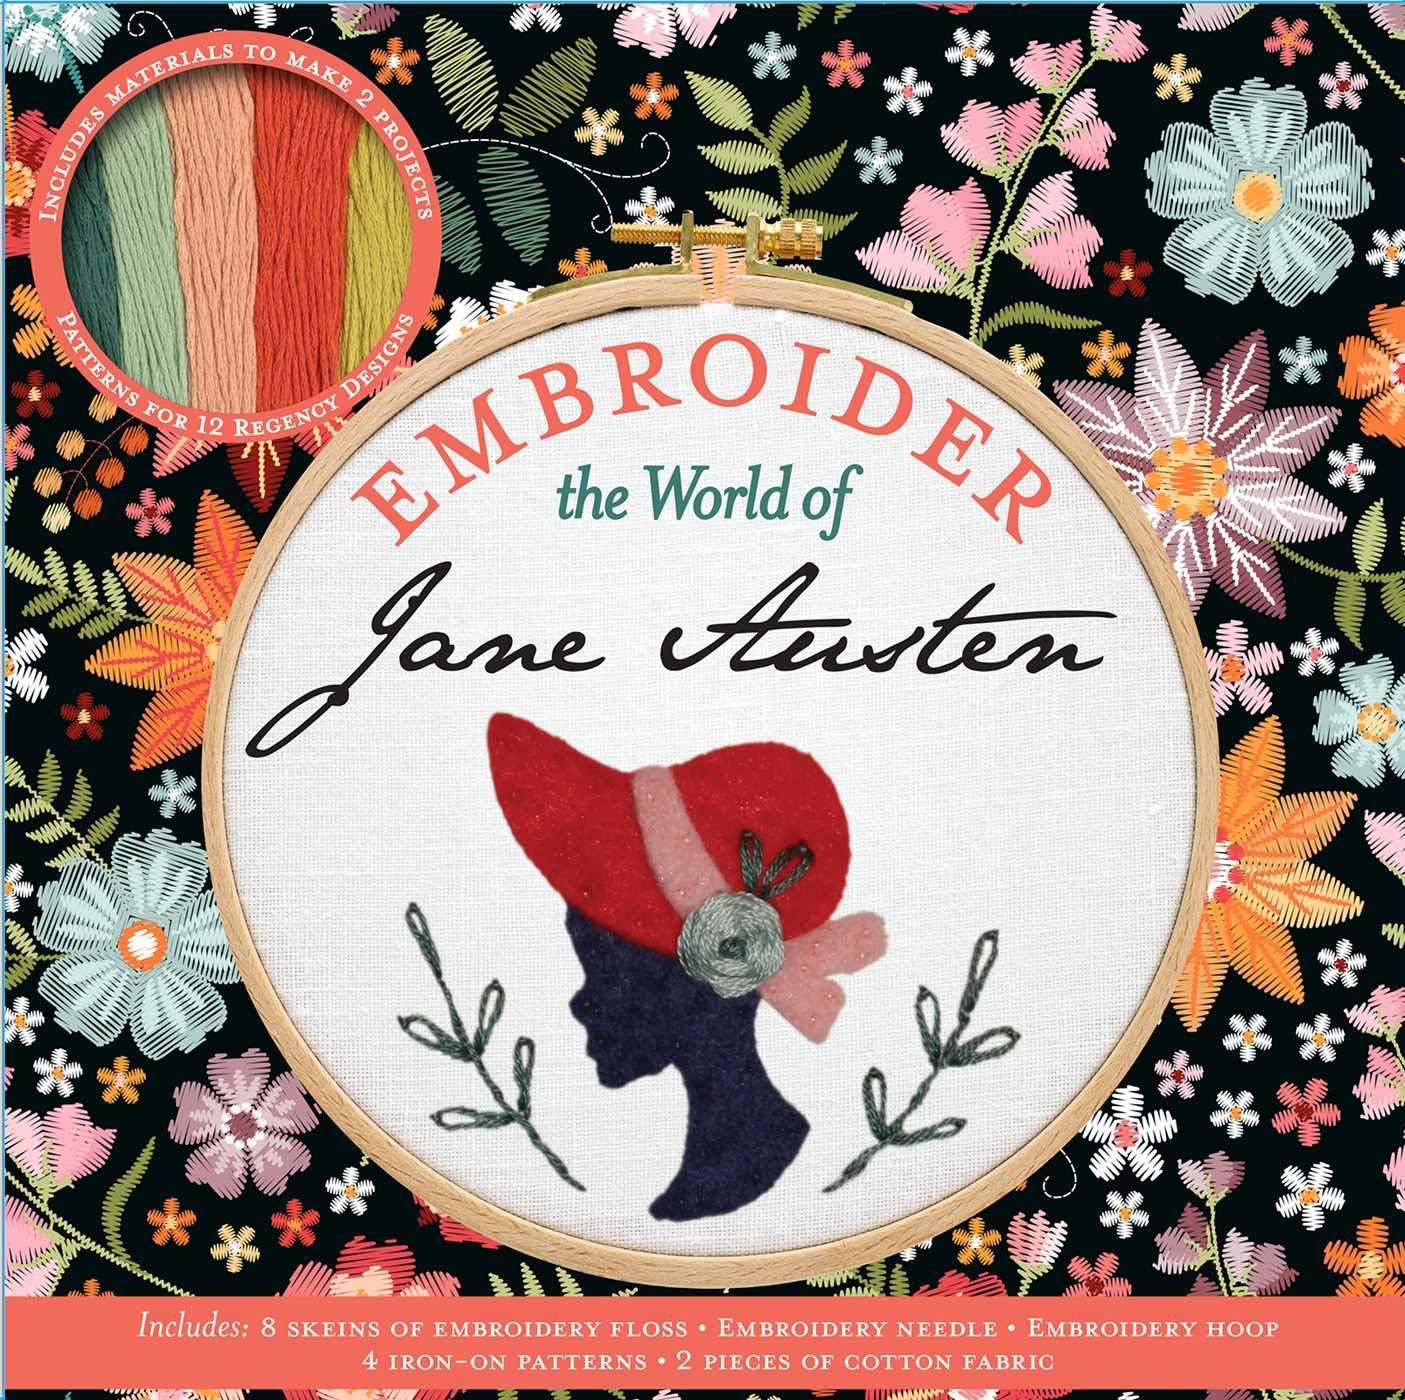 Embroider the World of Jane Austen